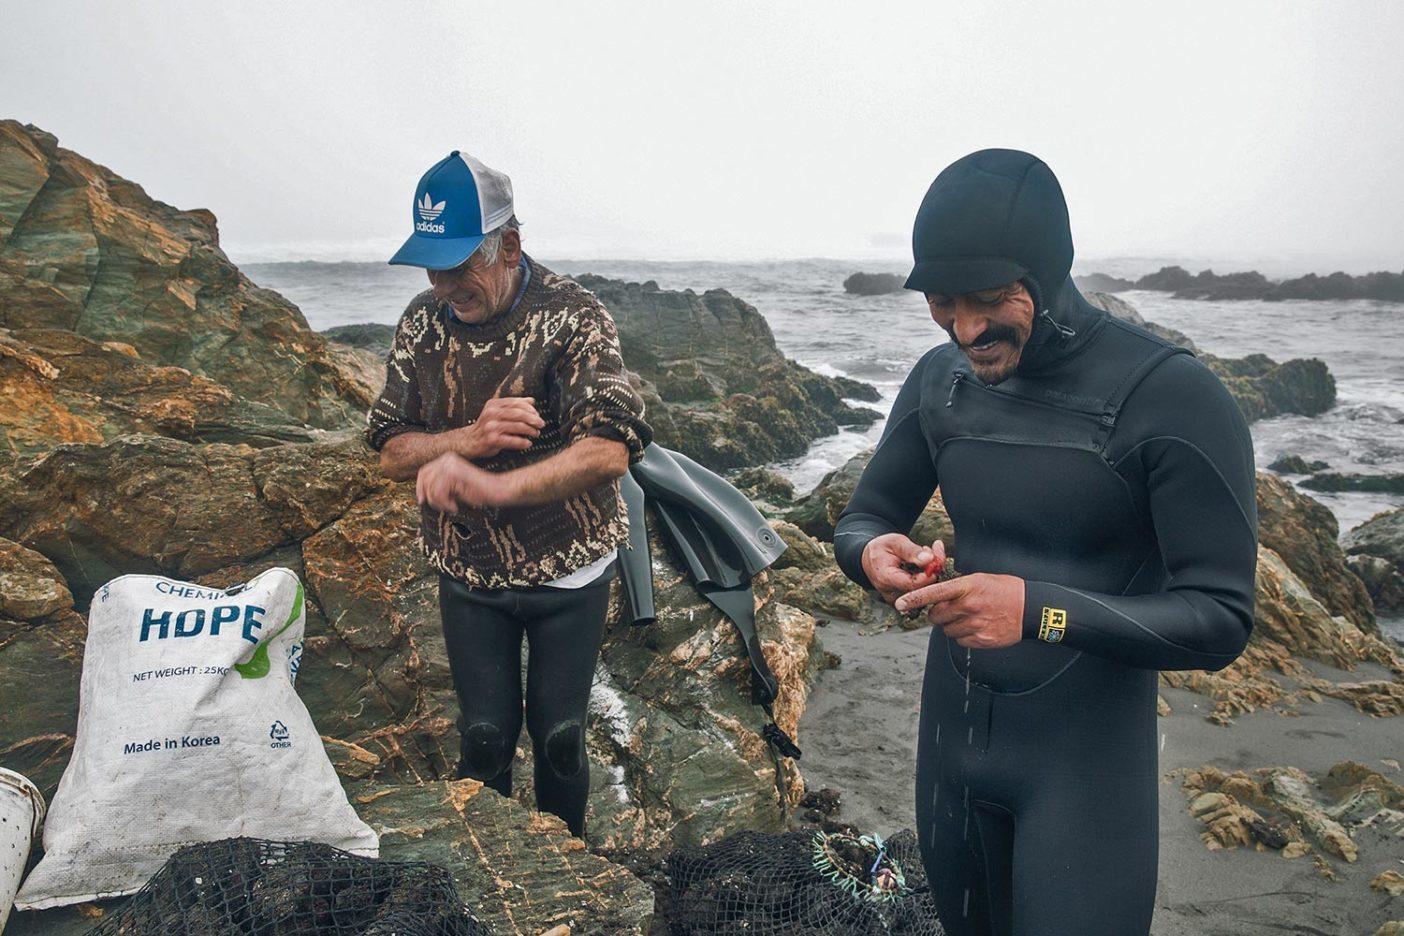 ピチュレマで守られたのはサーフィンだけではない。ラモンの親戚であるこの漁師は毎朝ビーチに訪れ、貝類を獲るために潜る。それは地元で人気のある食物であり、免疫システムに有益でもある。パドルアウトする前にその日の収穫物を味見するラモン。 Photo: Mara Milam